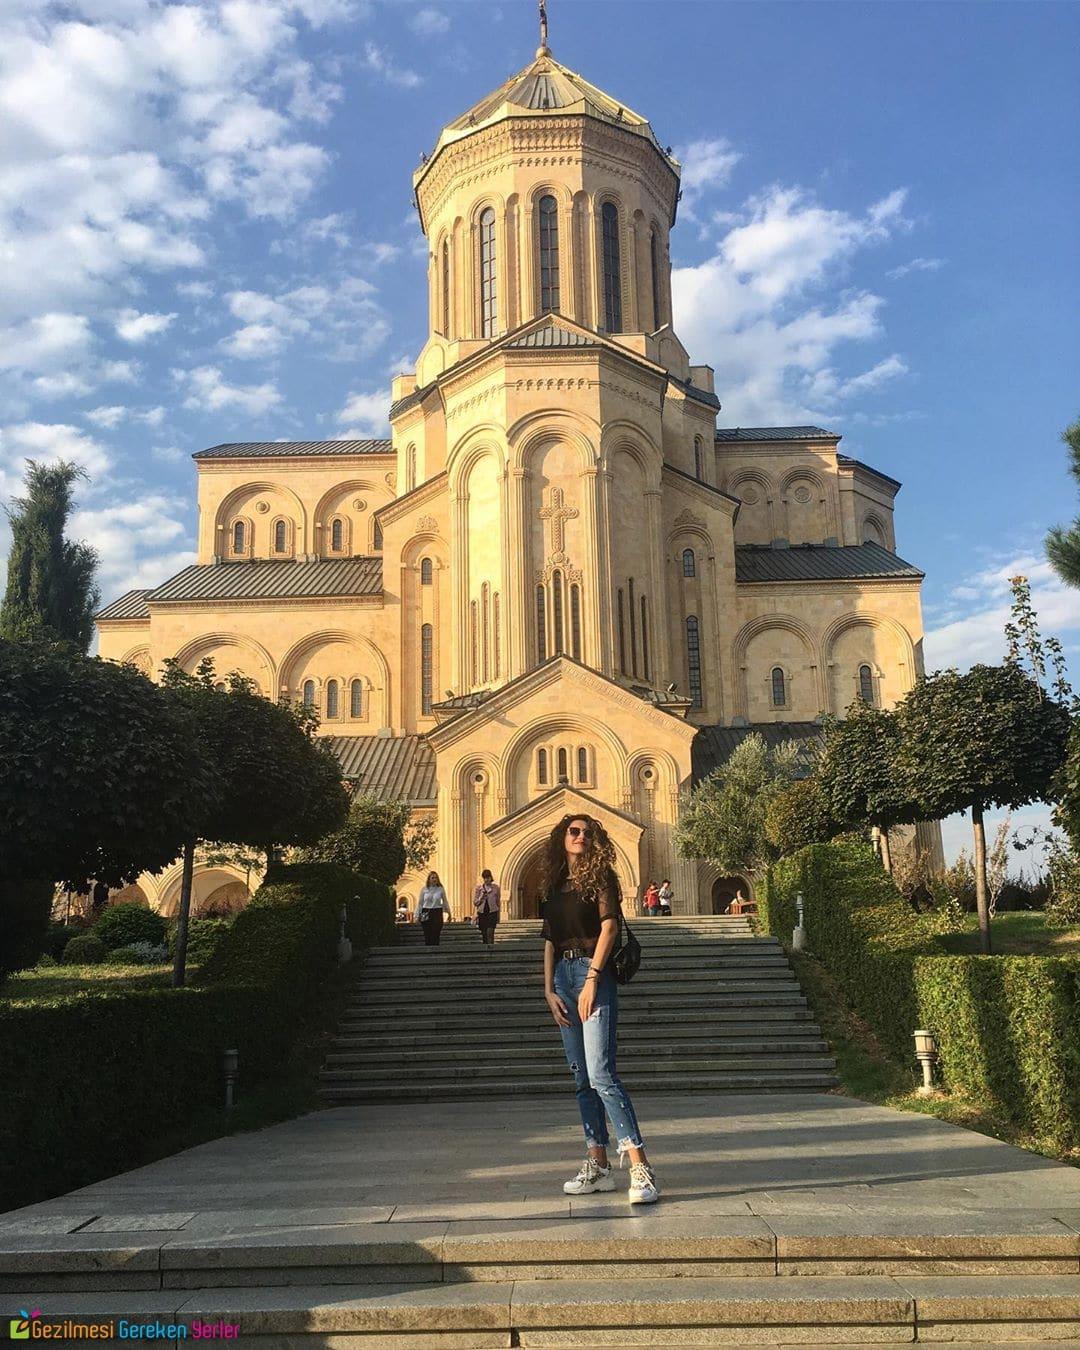 Sameba Katedrali - Tiflis Gezi Bilgileri